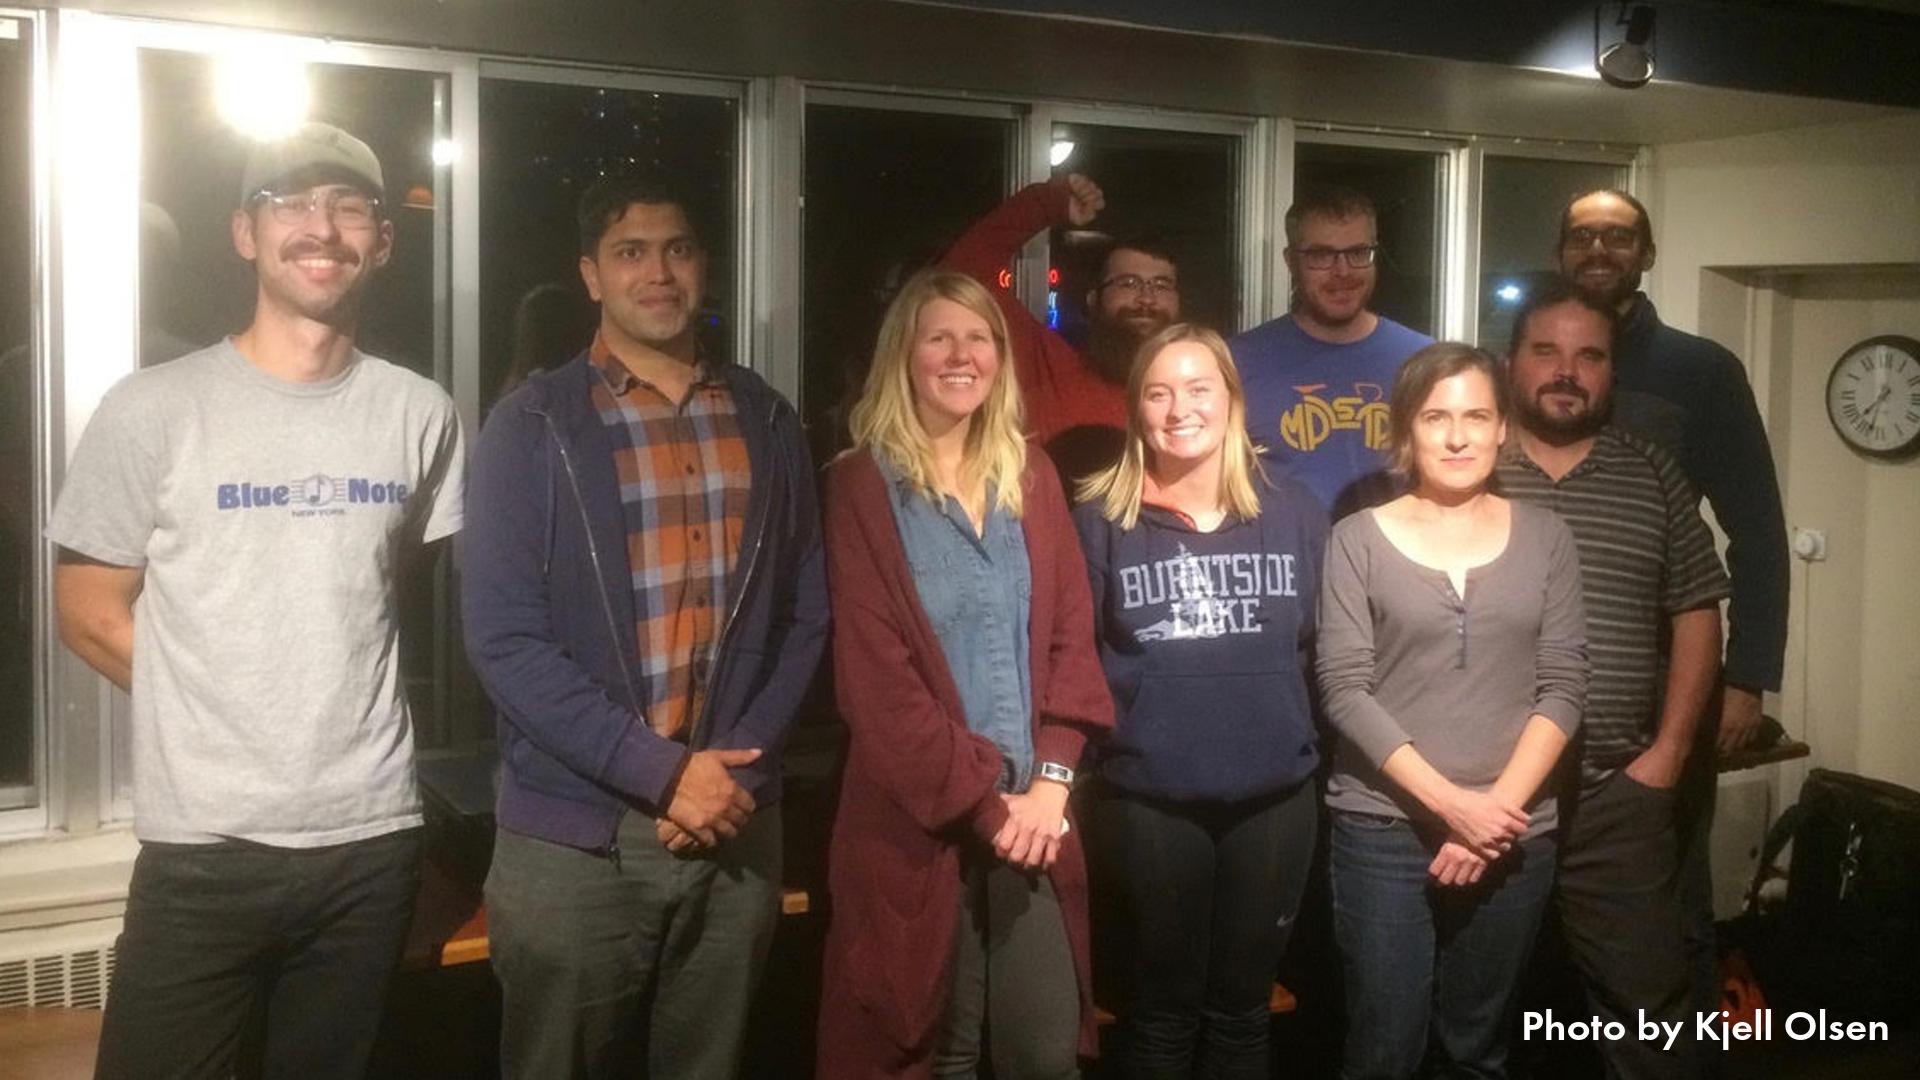 Downtown Bikeways Work Group members at their October 2019 meeting